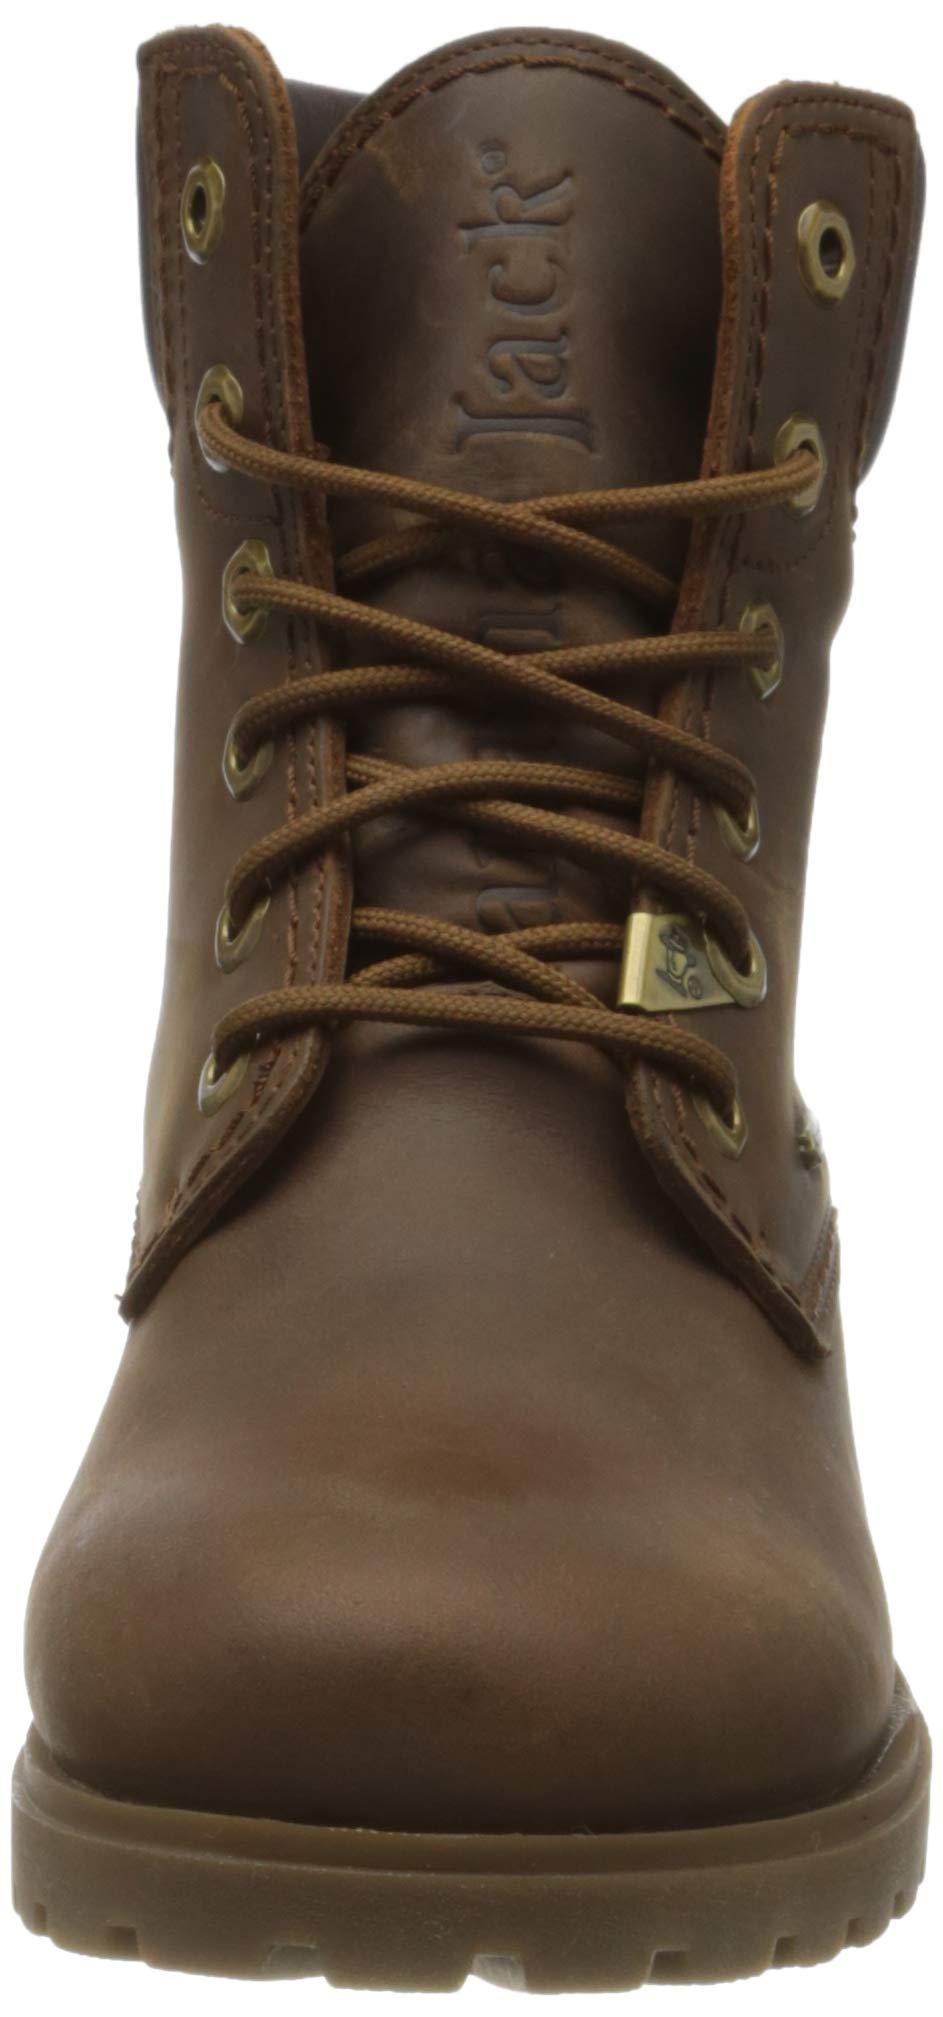 Panama Jack Women's Panama 03 GTX Wool Combat Boots 4